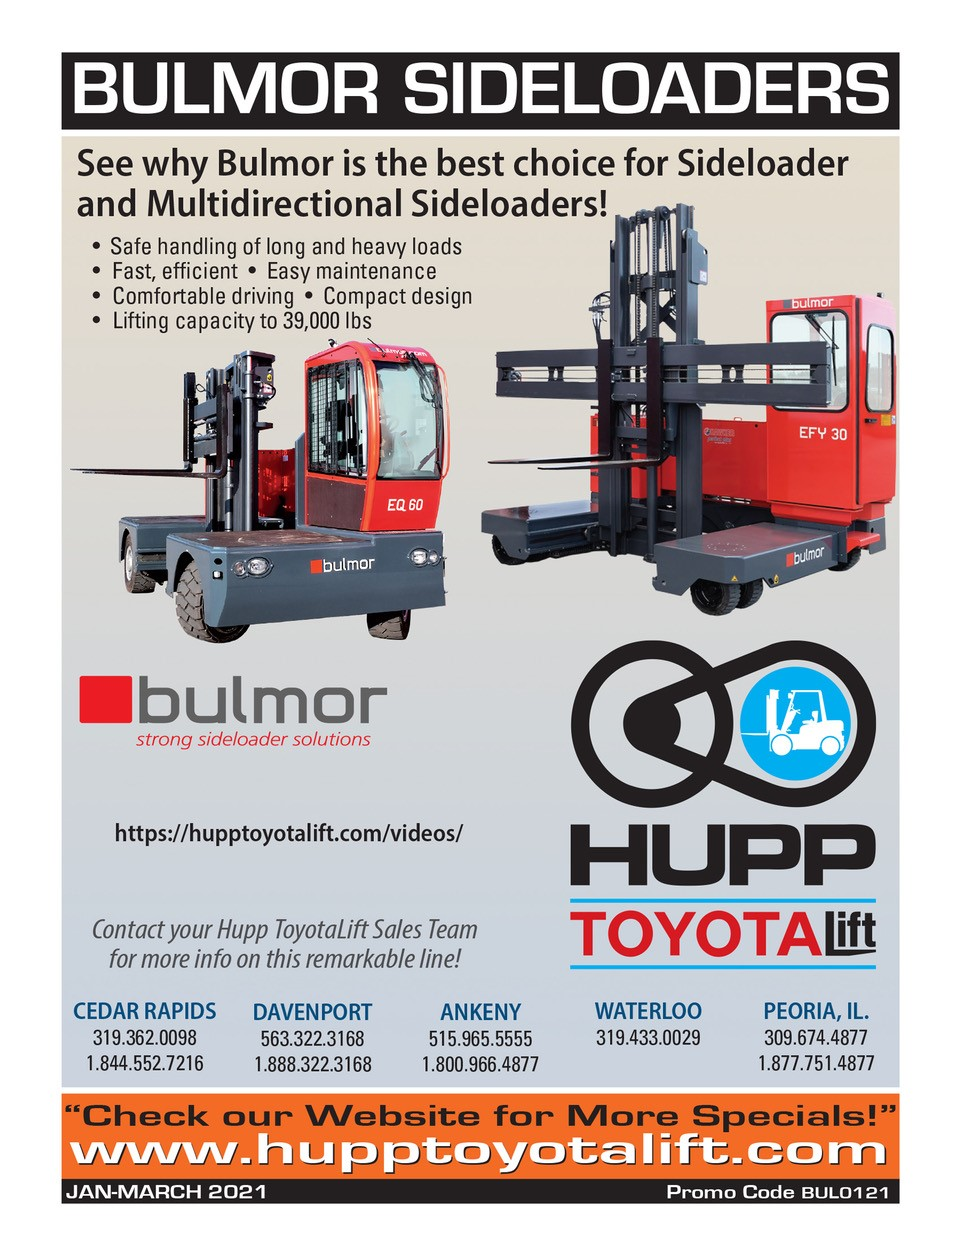 Bulor-Sideloader-Hupp-ToyotaLift